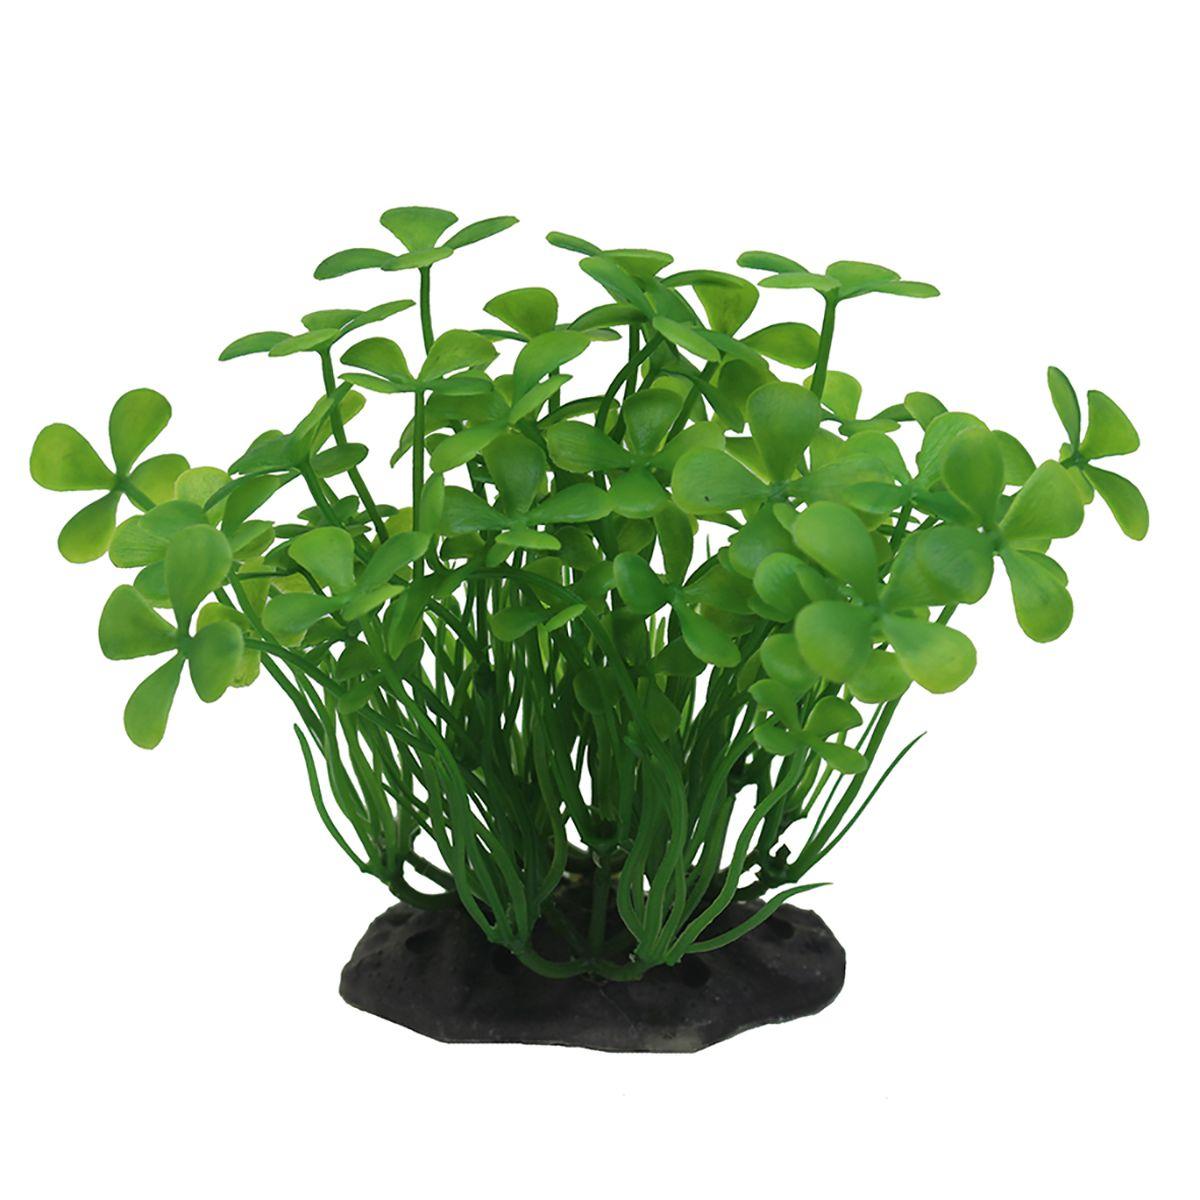 Растение для аквариума ArtUniq Марисилия зеленая, высота 10-12 см0120710Растение для аквариума ArtUniq Марисилия зеленая, высота 10-12 см